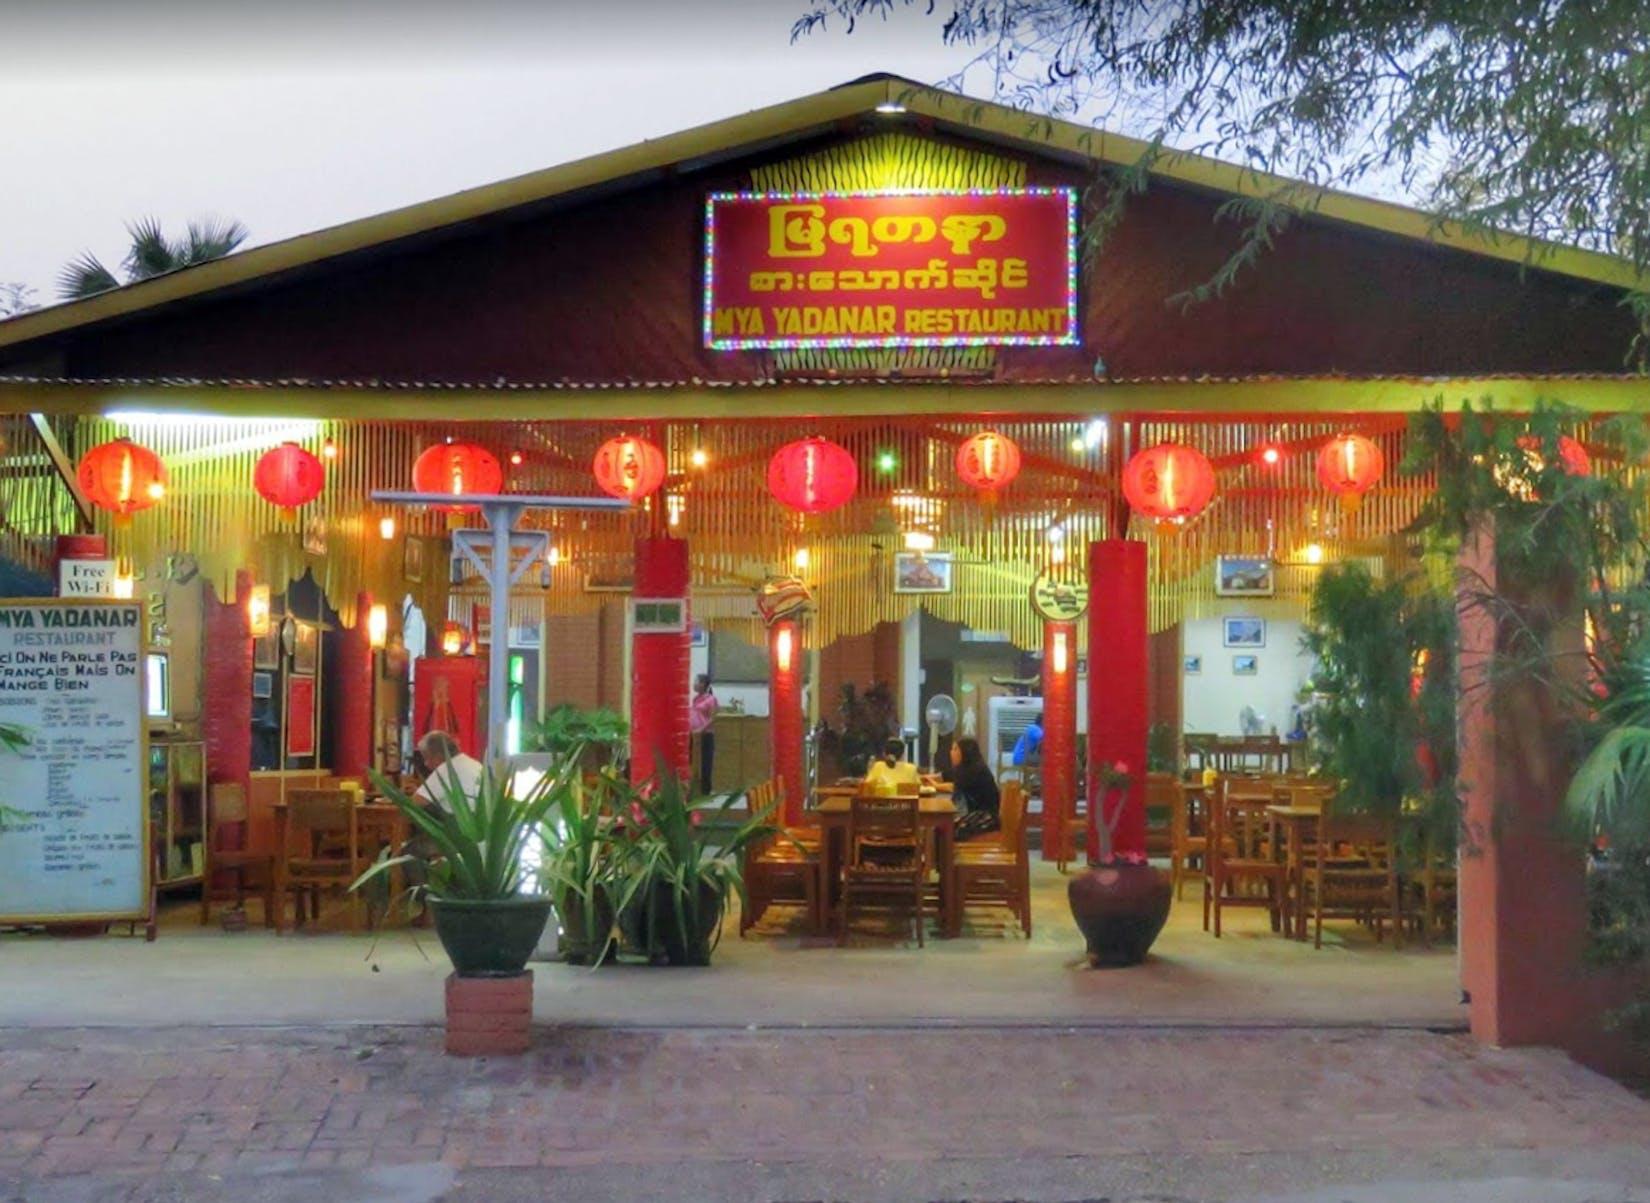 Mya Yadanar Restaurant | yathar